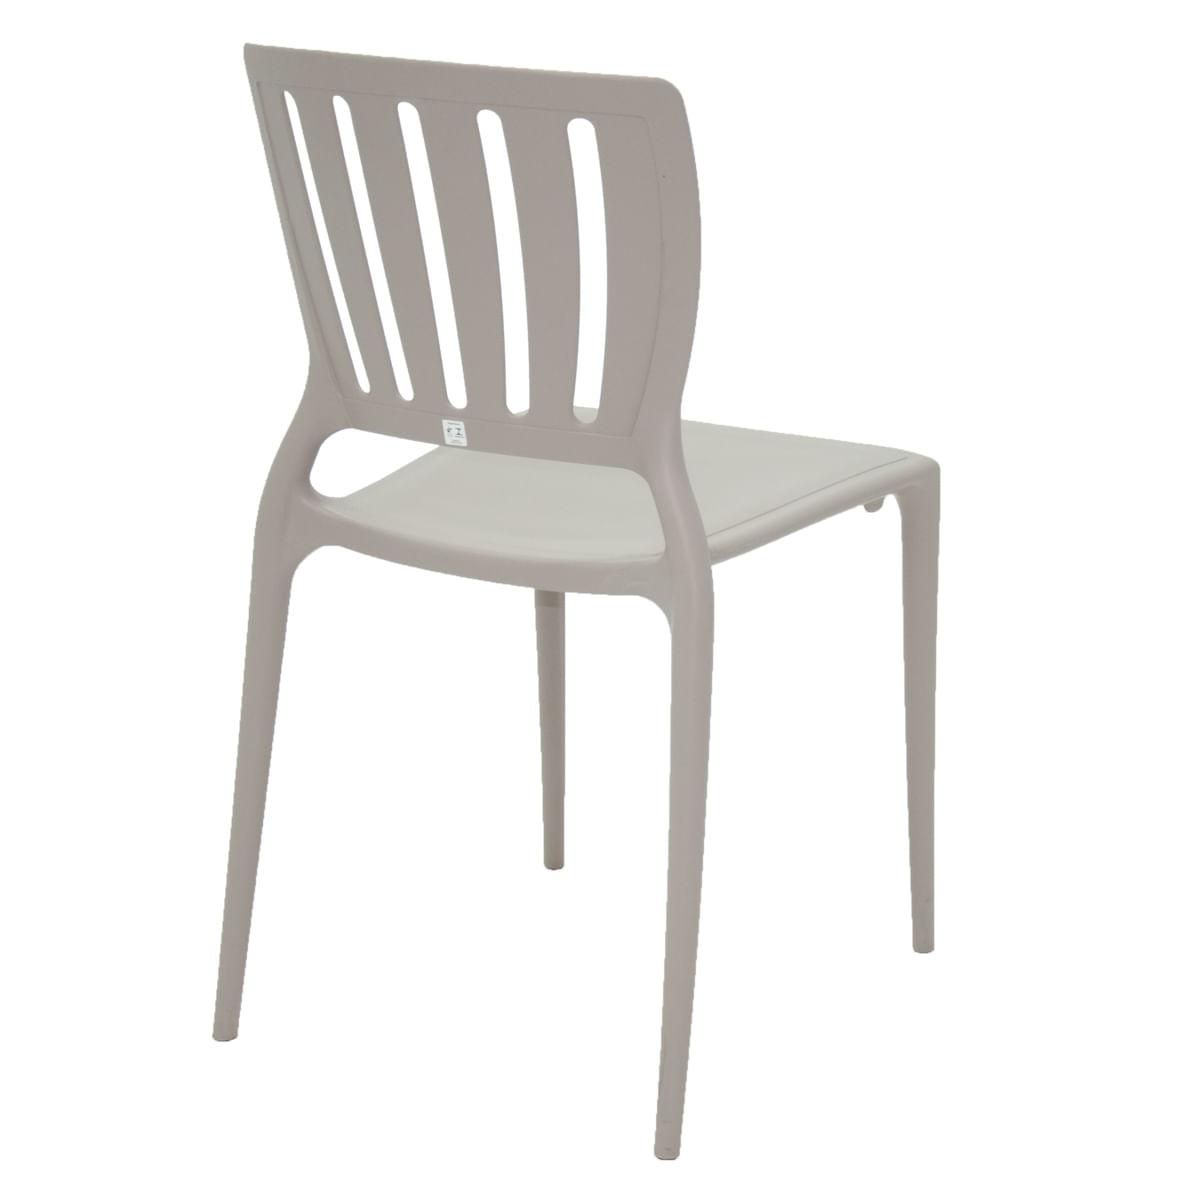 Cadeira Tramontina Sofia Concreto Encosto Vazado Vertical em Polipropileno e Fibra de Vidro